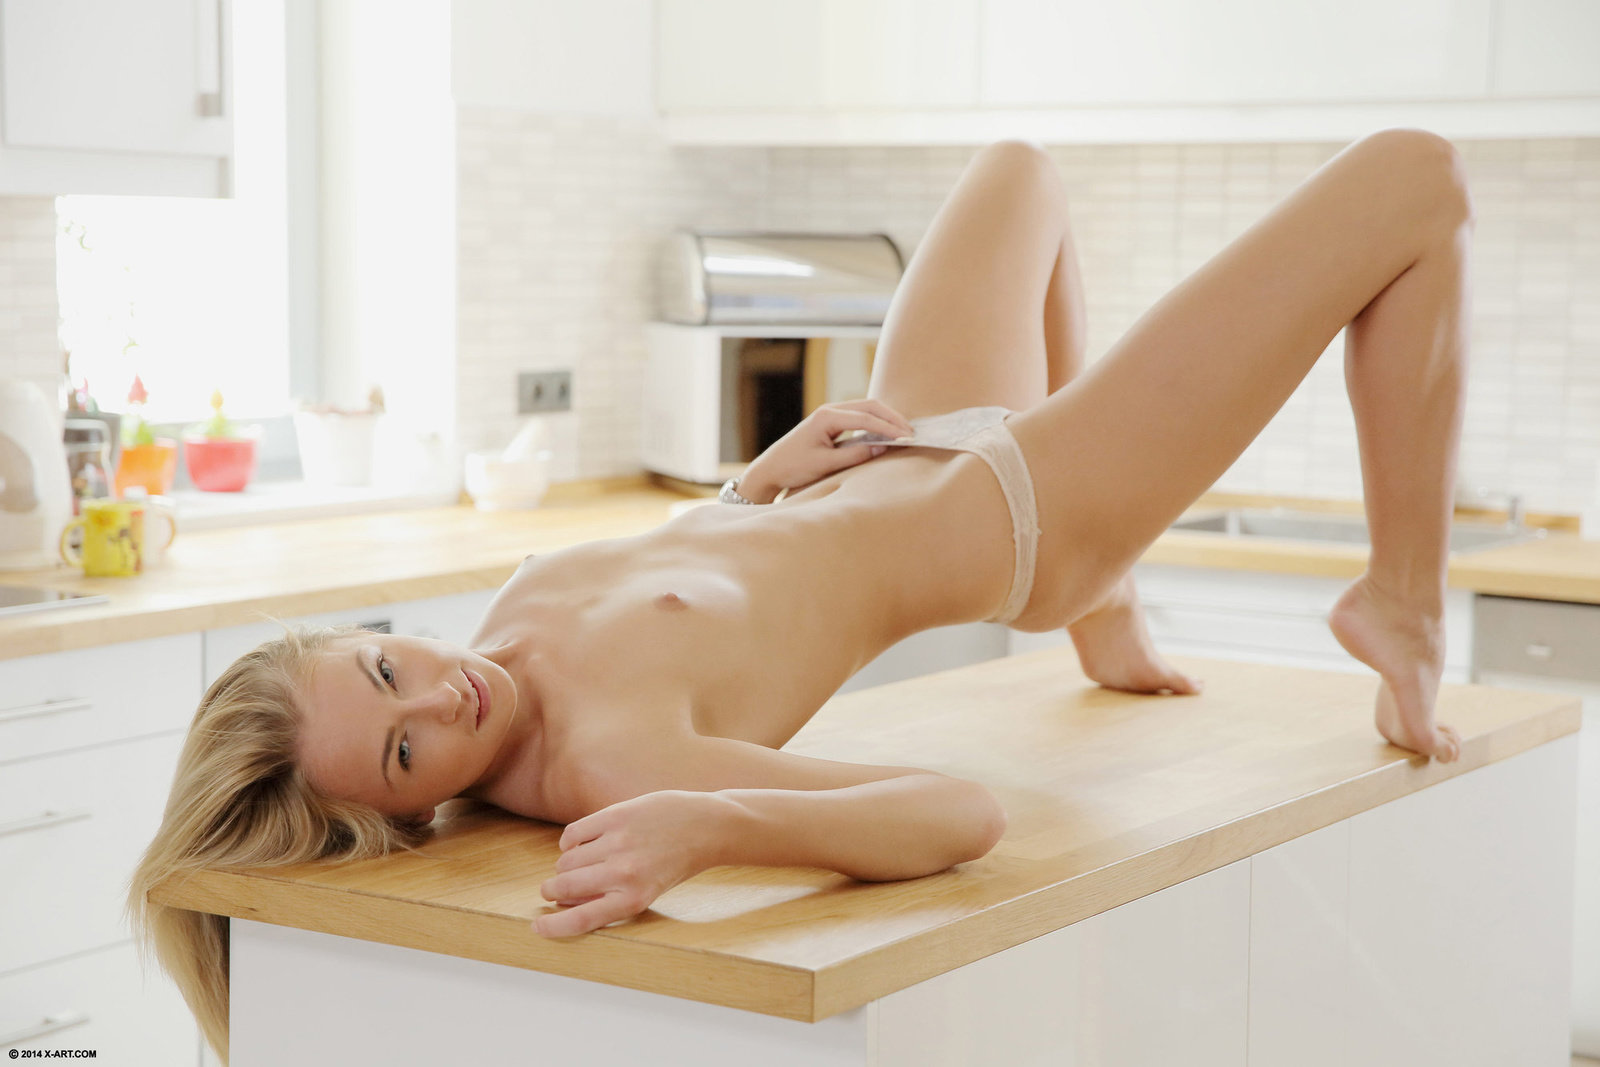 голые блондинки на кухонном столе мне, трэшка